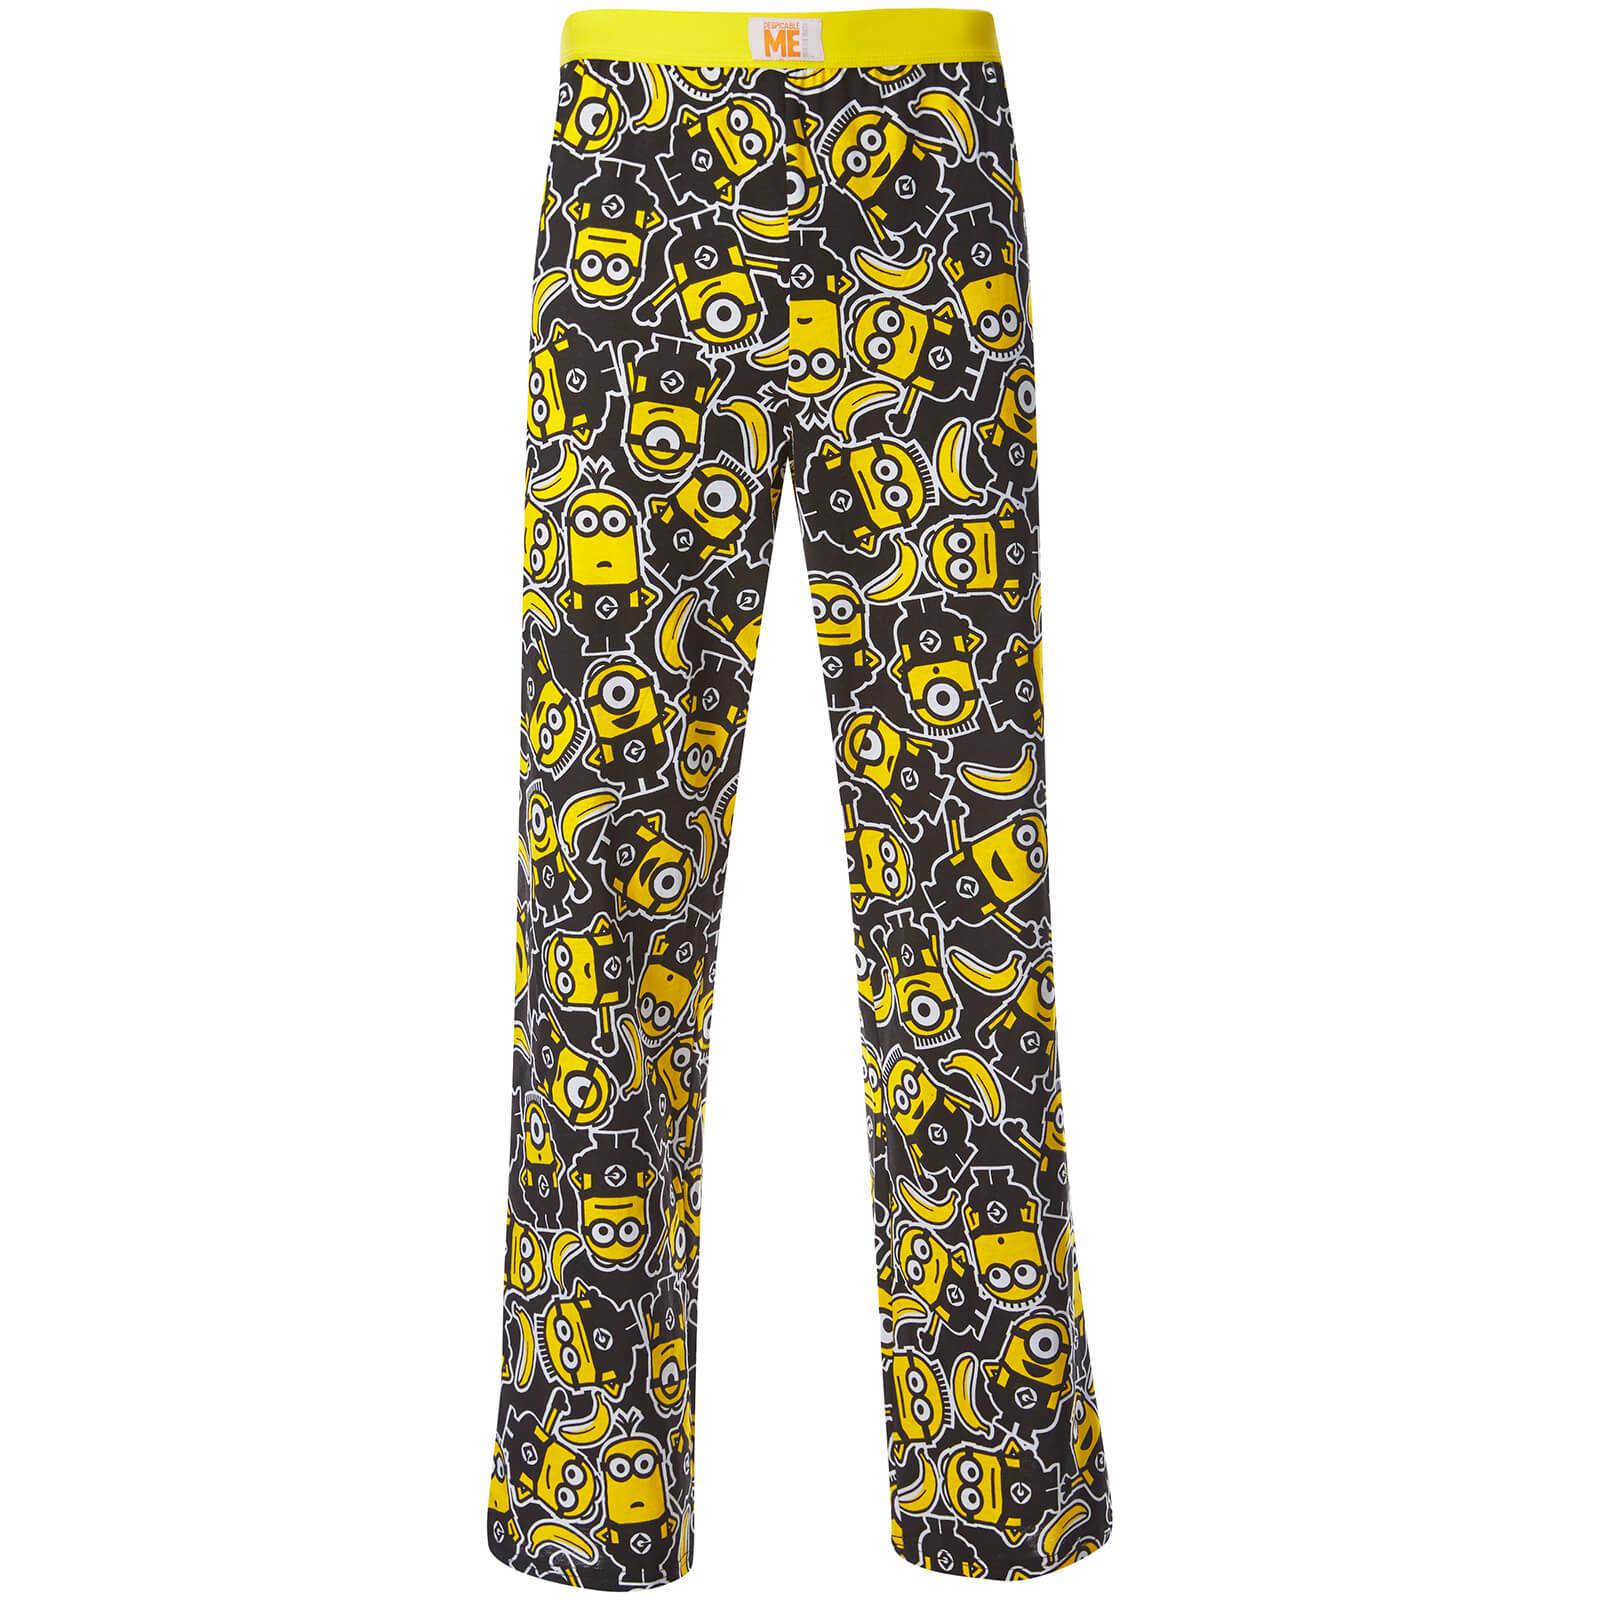 pantalon de pyjama pour homme minions jaune merchandise. Black Bedroom Furniture Sets. Home Design Ideas